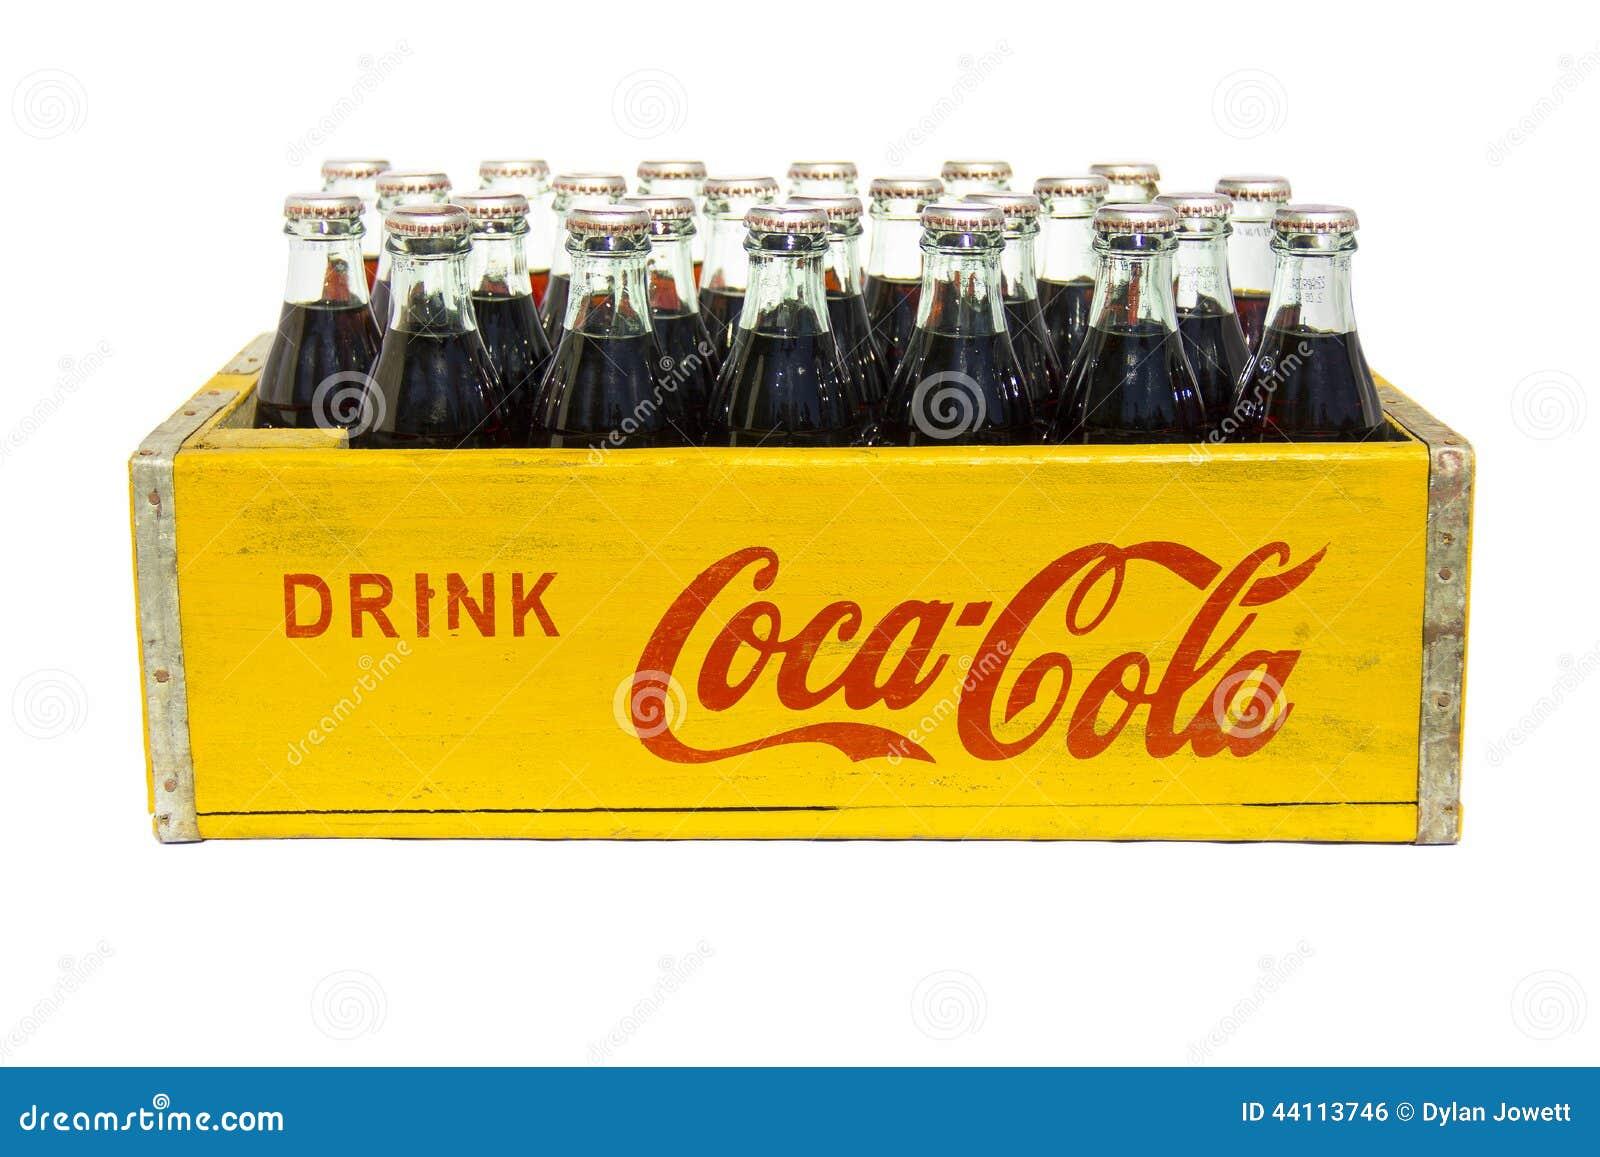 weinlese getr nk coca cola kiste mit flaschen. Black Bedroom Furniture Sets. Home Design Ideas